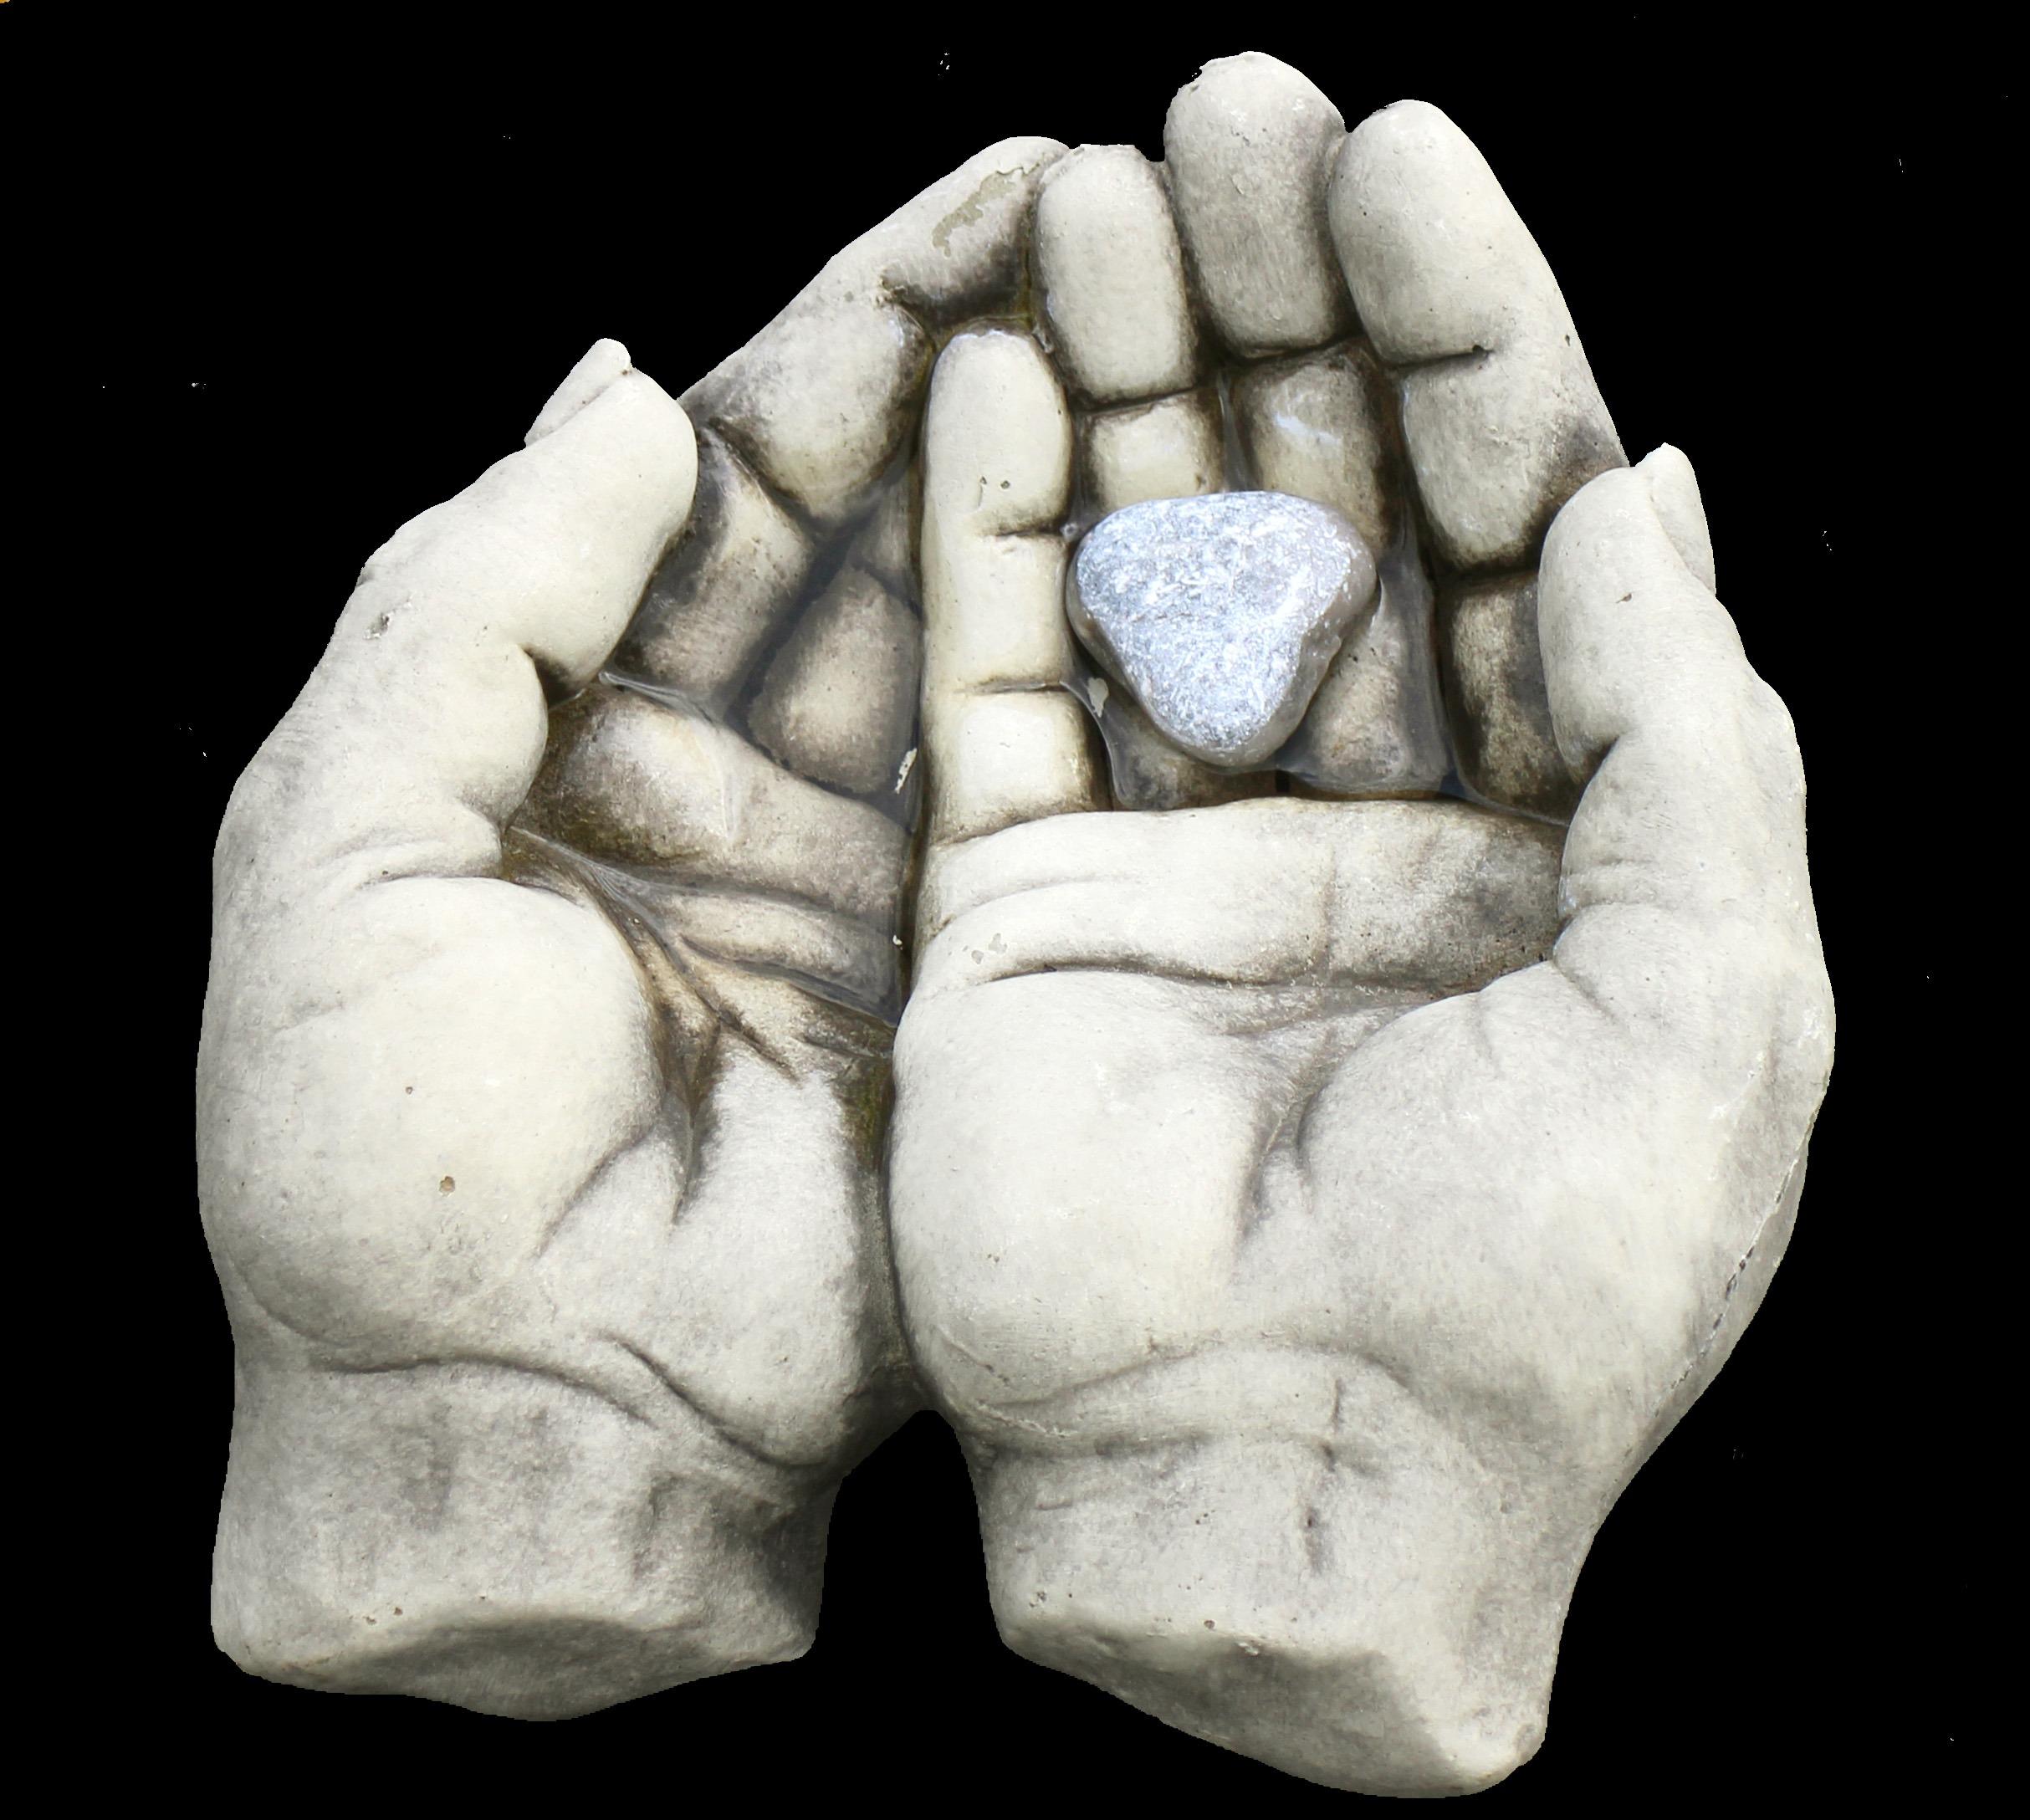 Kostenlose foto : Hand, Schwarz und weiß, Stein, Biologie, Arm ...